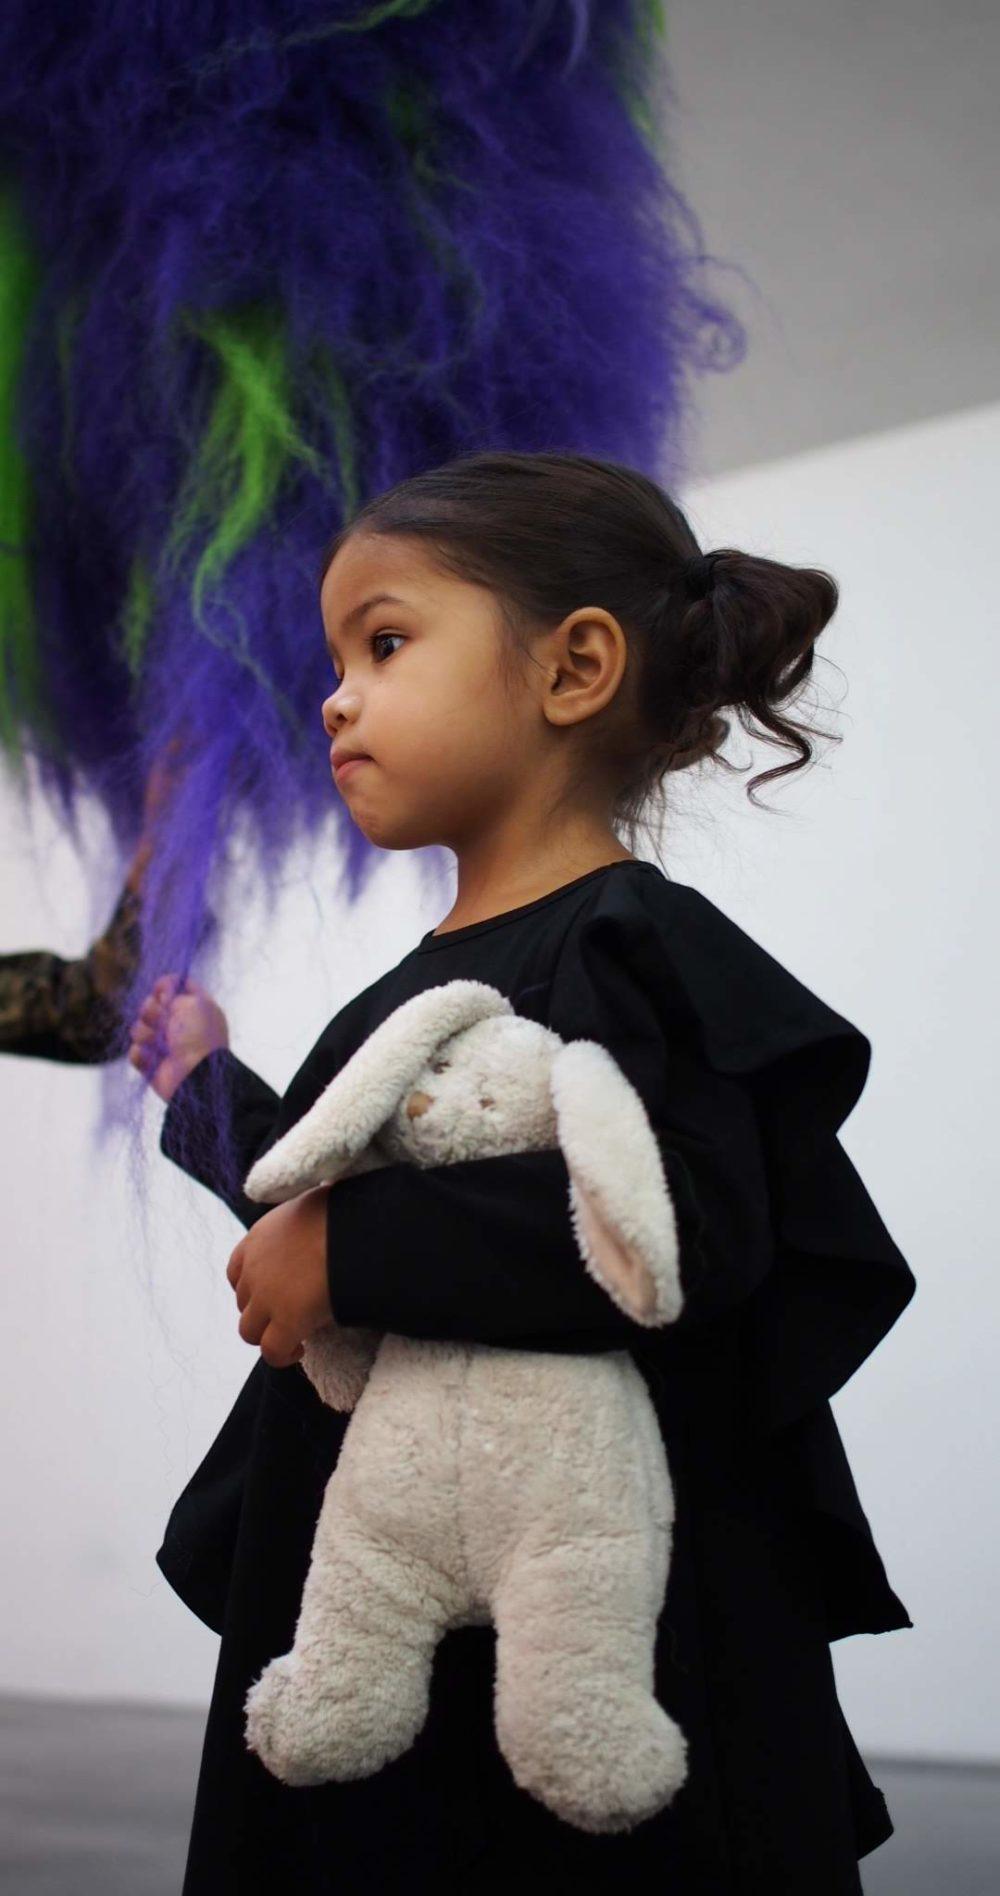 Vimma Ruffle Dress JULIA yksivärinen musta 90-150cm - (Musta), 90-150cm, JULIA, Ruffle Dress, yksivärinen